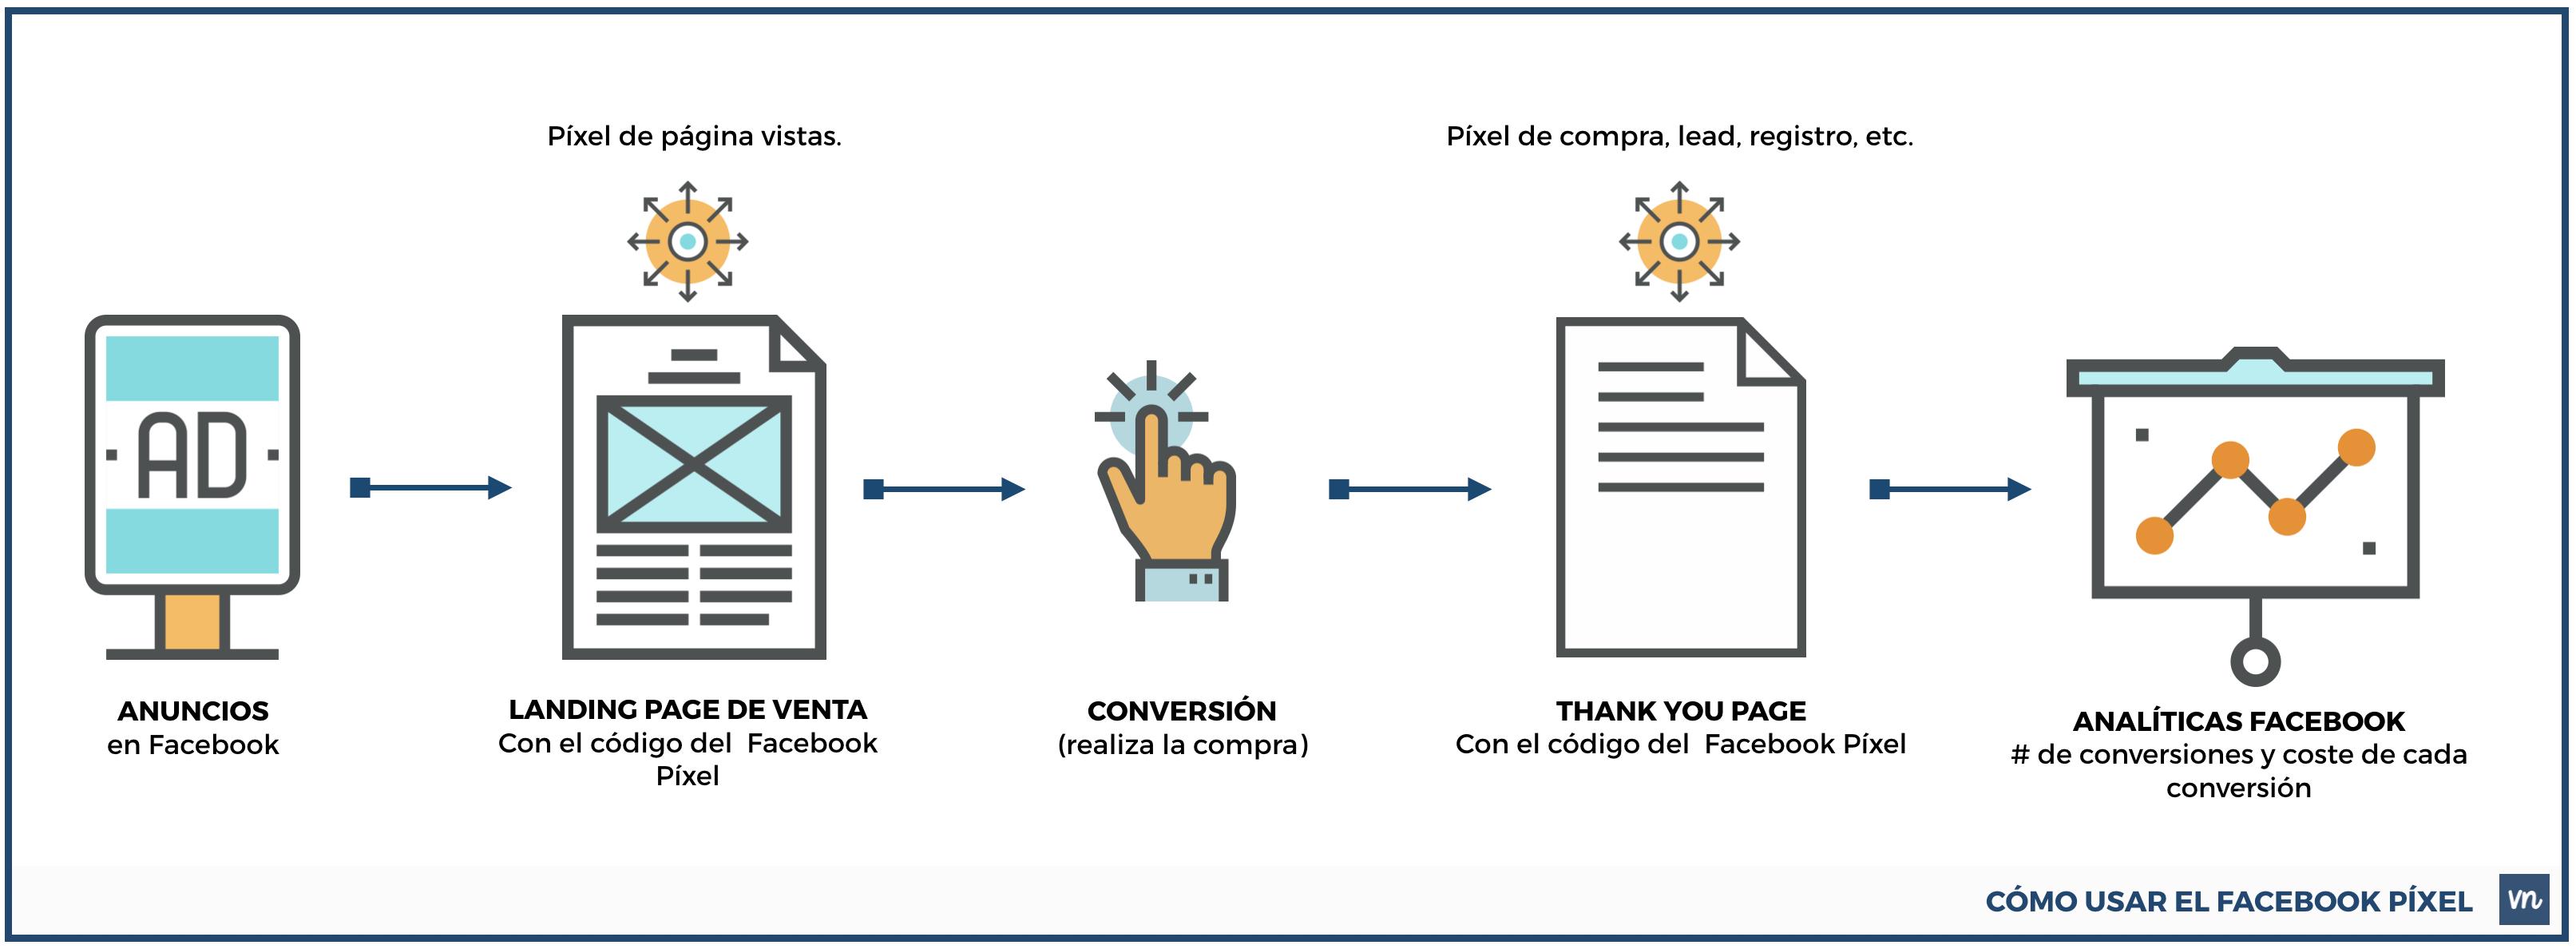 Facebook-Pixel-conversiones-compras-visitas-a-tu-pagina-web-lima-perú